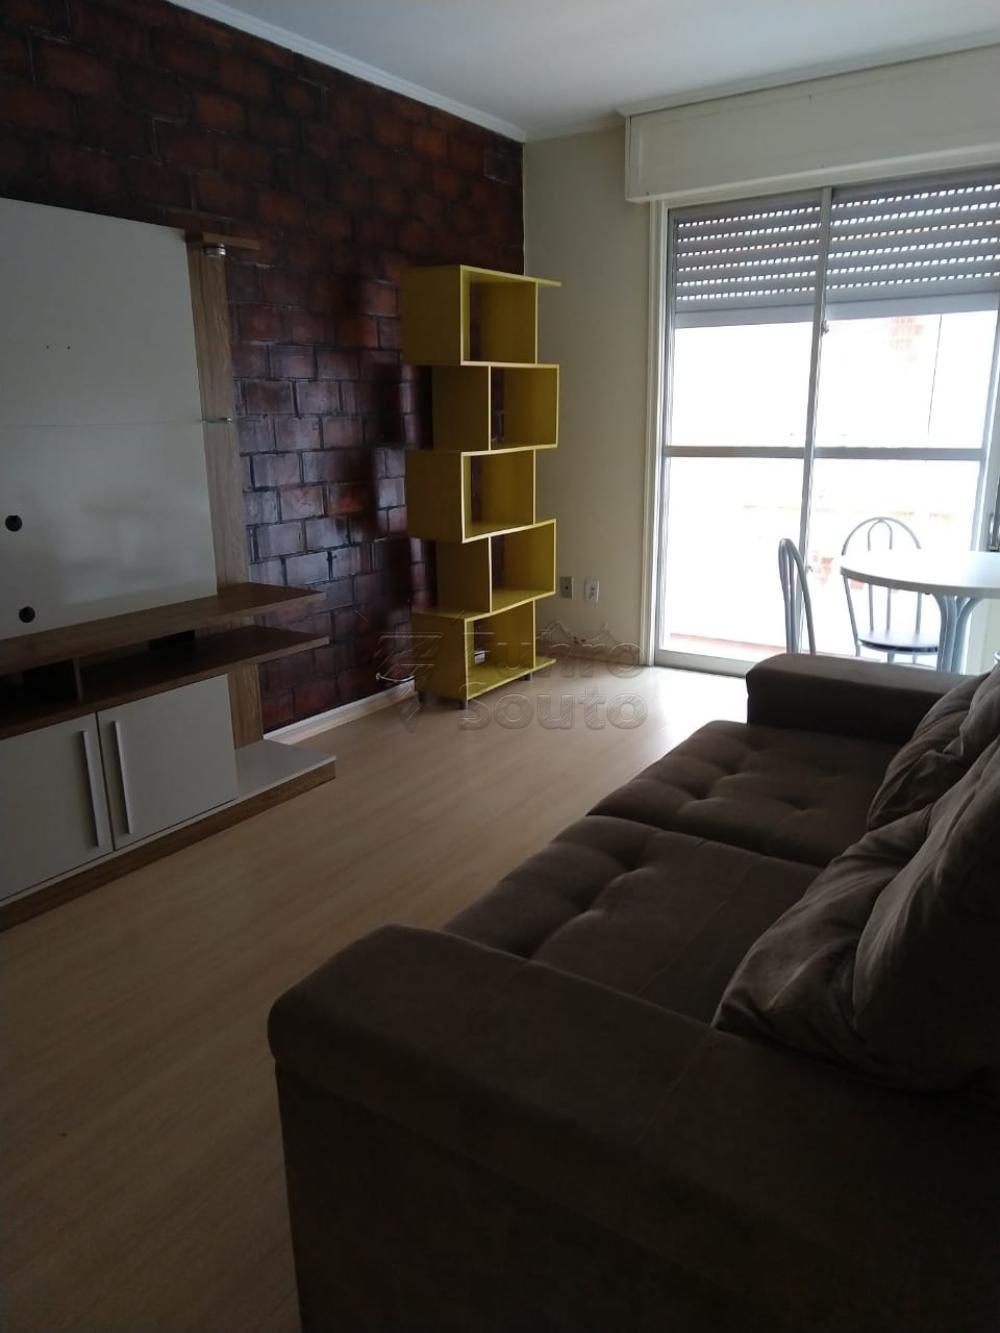 Alugar Apartamento / Padrão em Pelotas R$ 900,00 - Foto 1